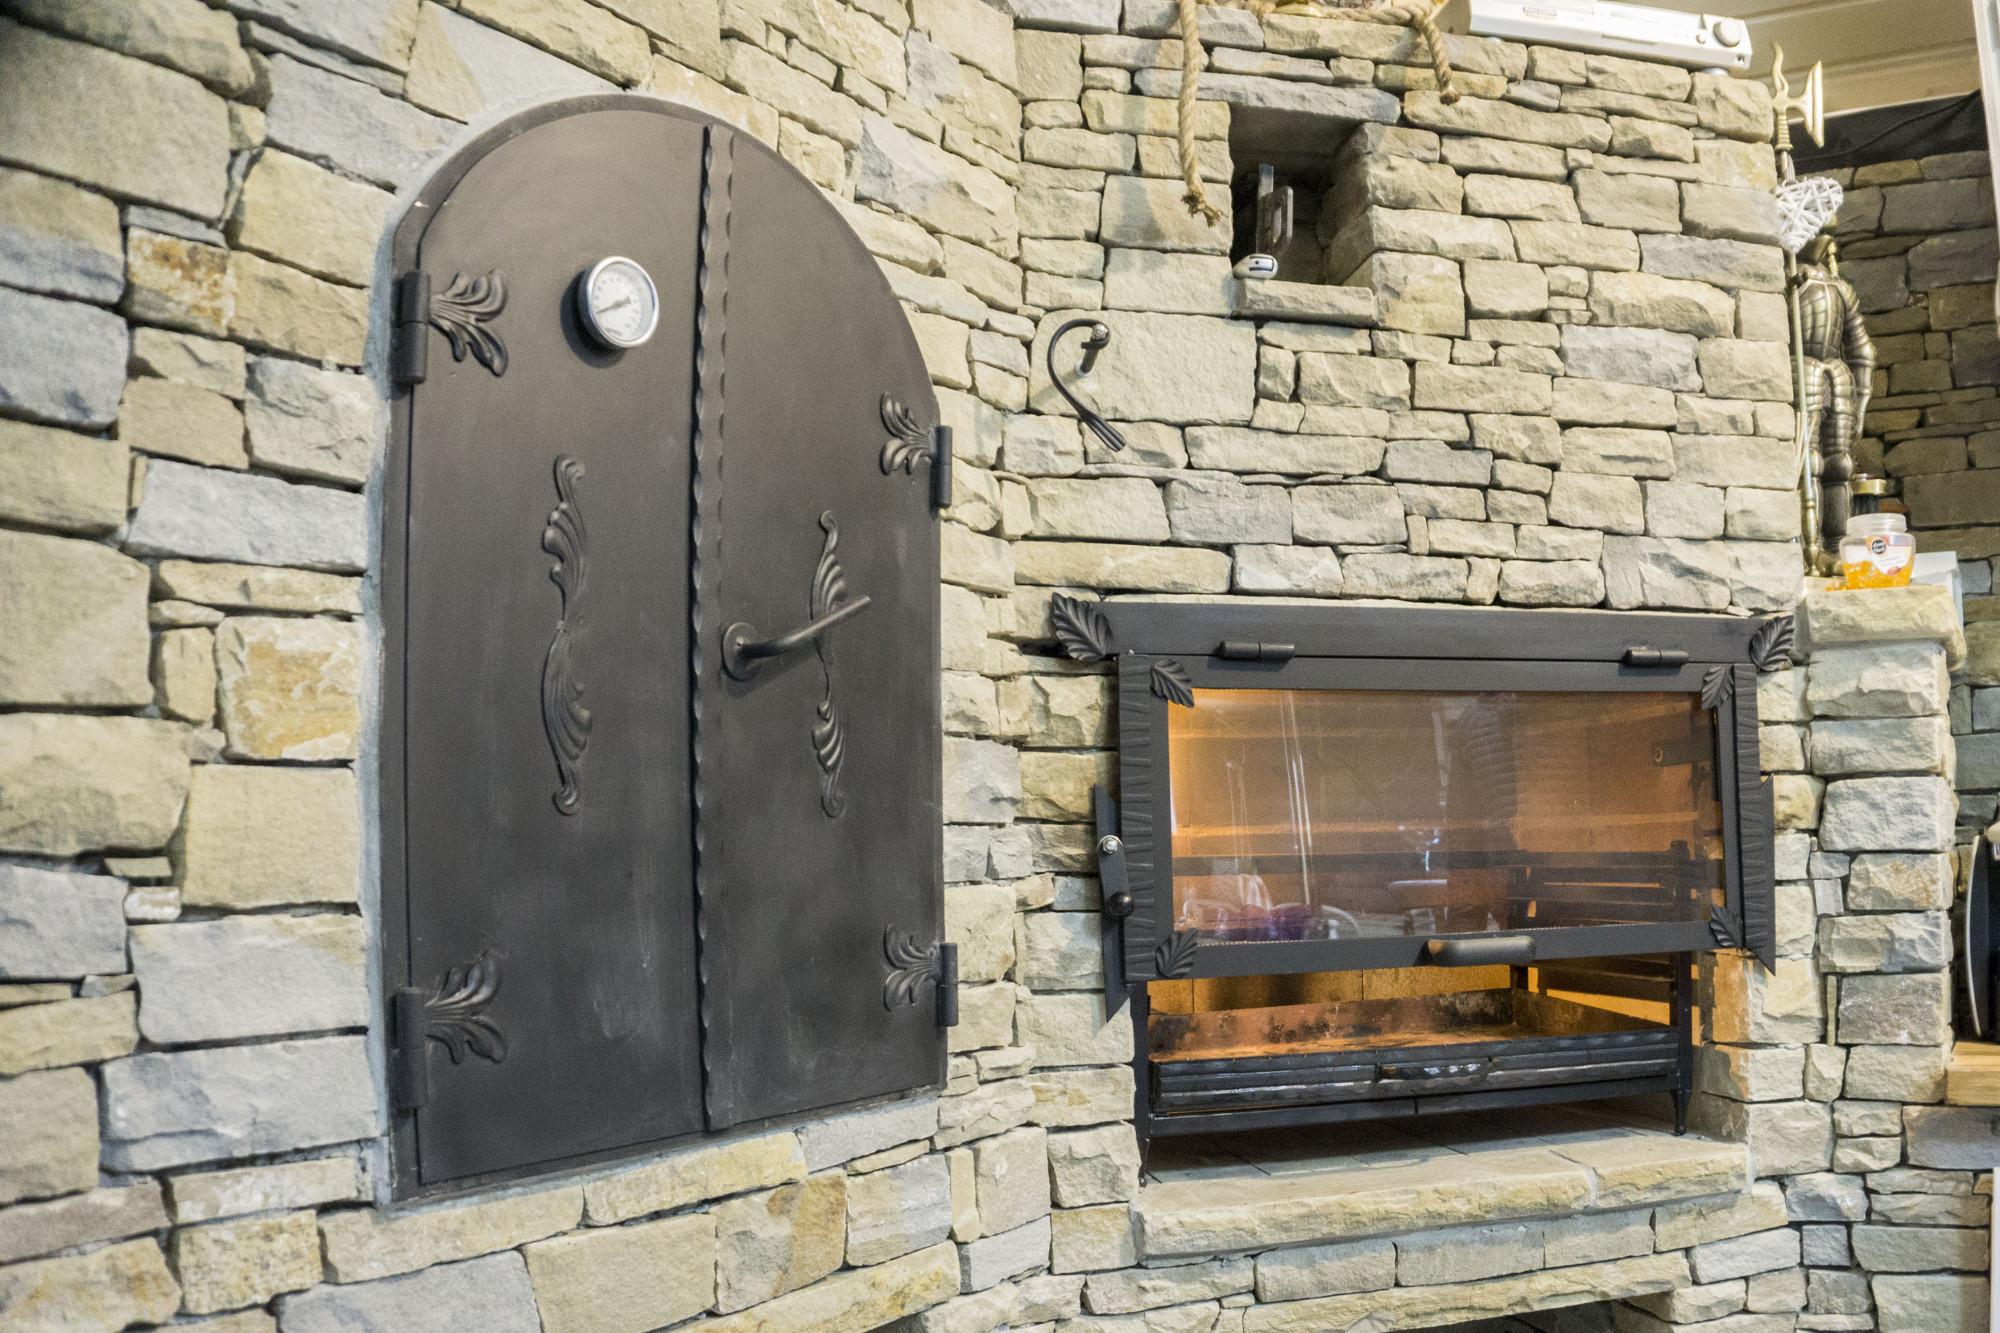 Огнеупорное стекло для камина, характеристики и свойства материала